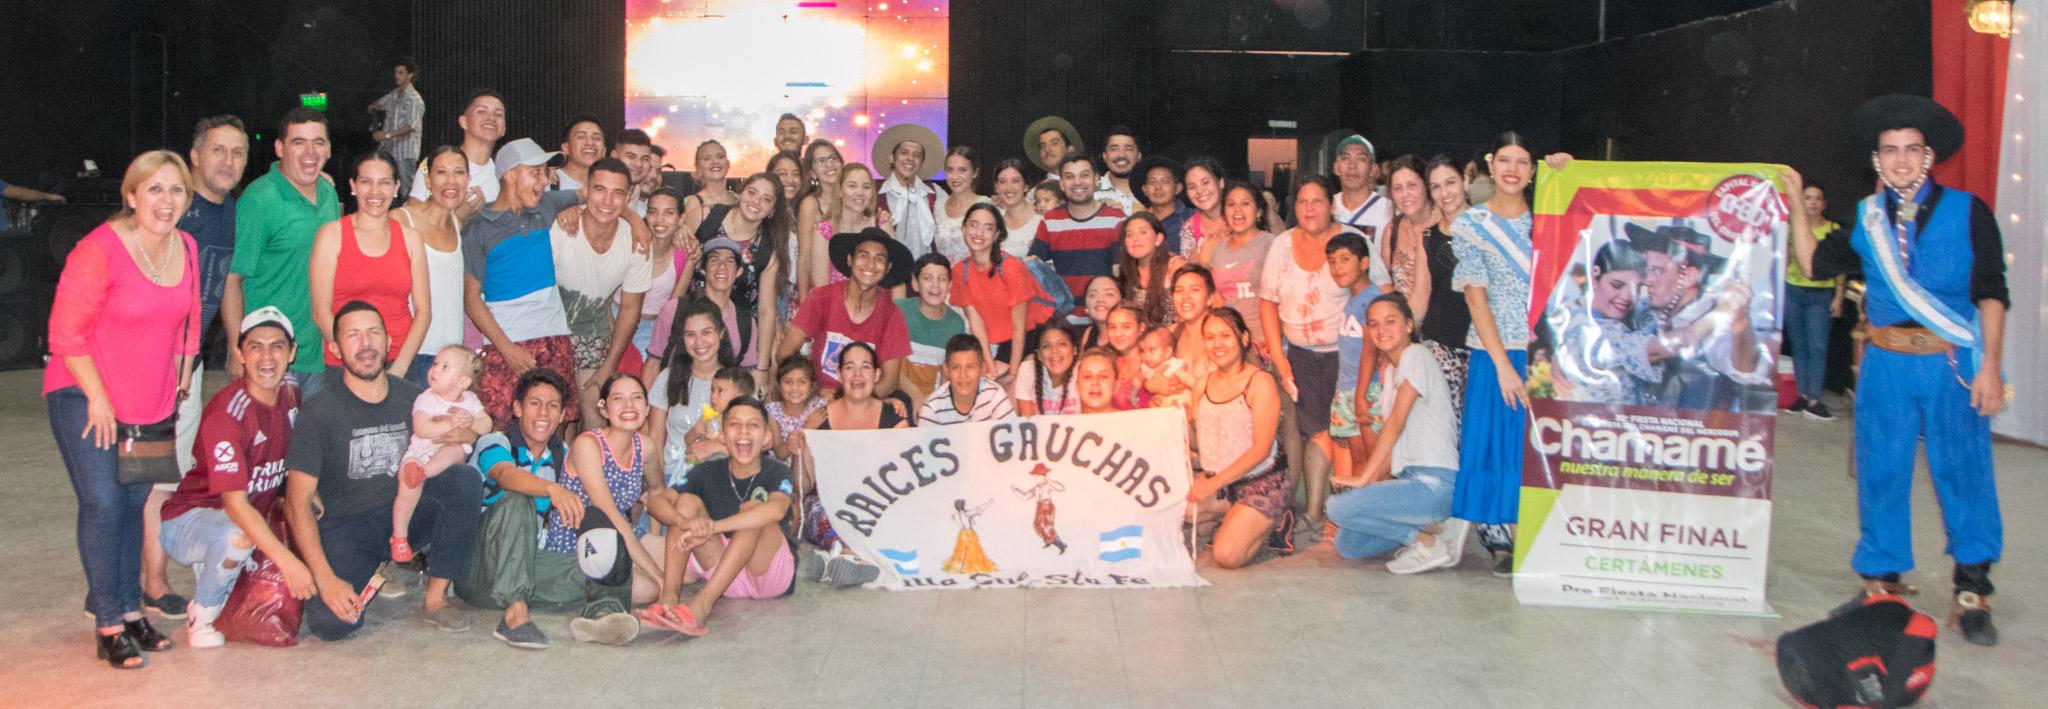 Gran Final de los certámenes Pre Fiesta del Chamamé (4).jpg